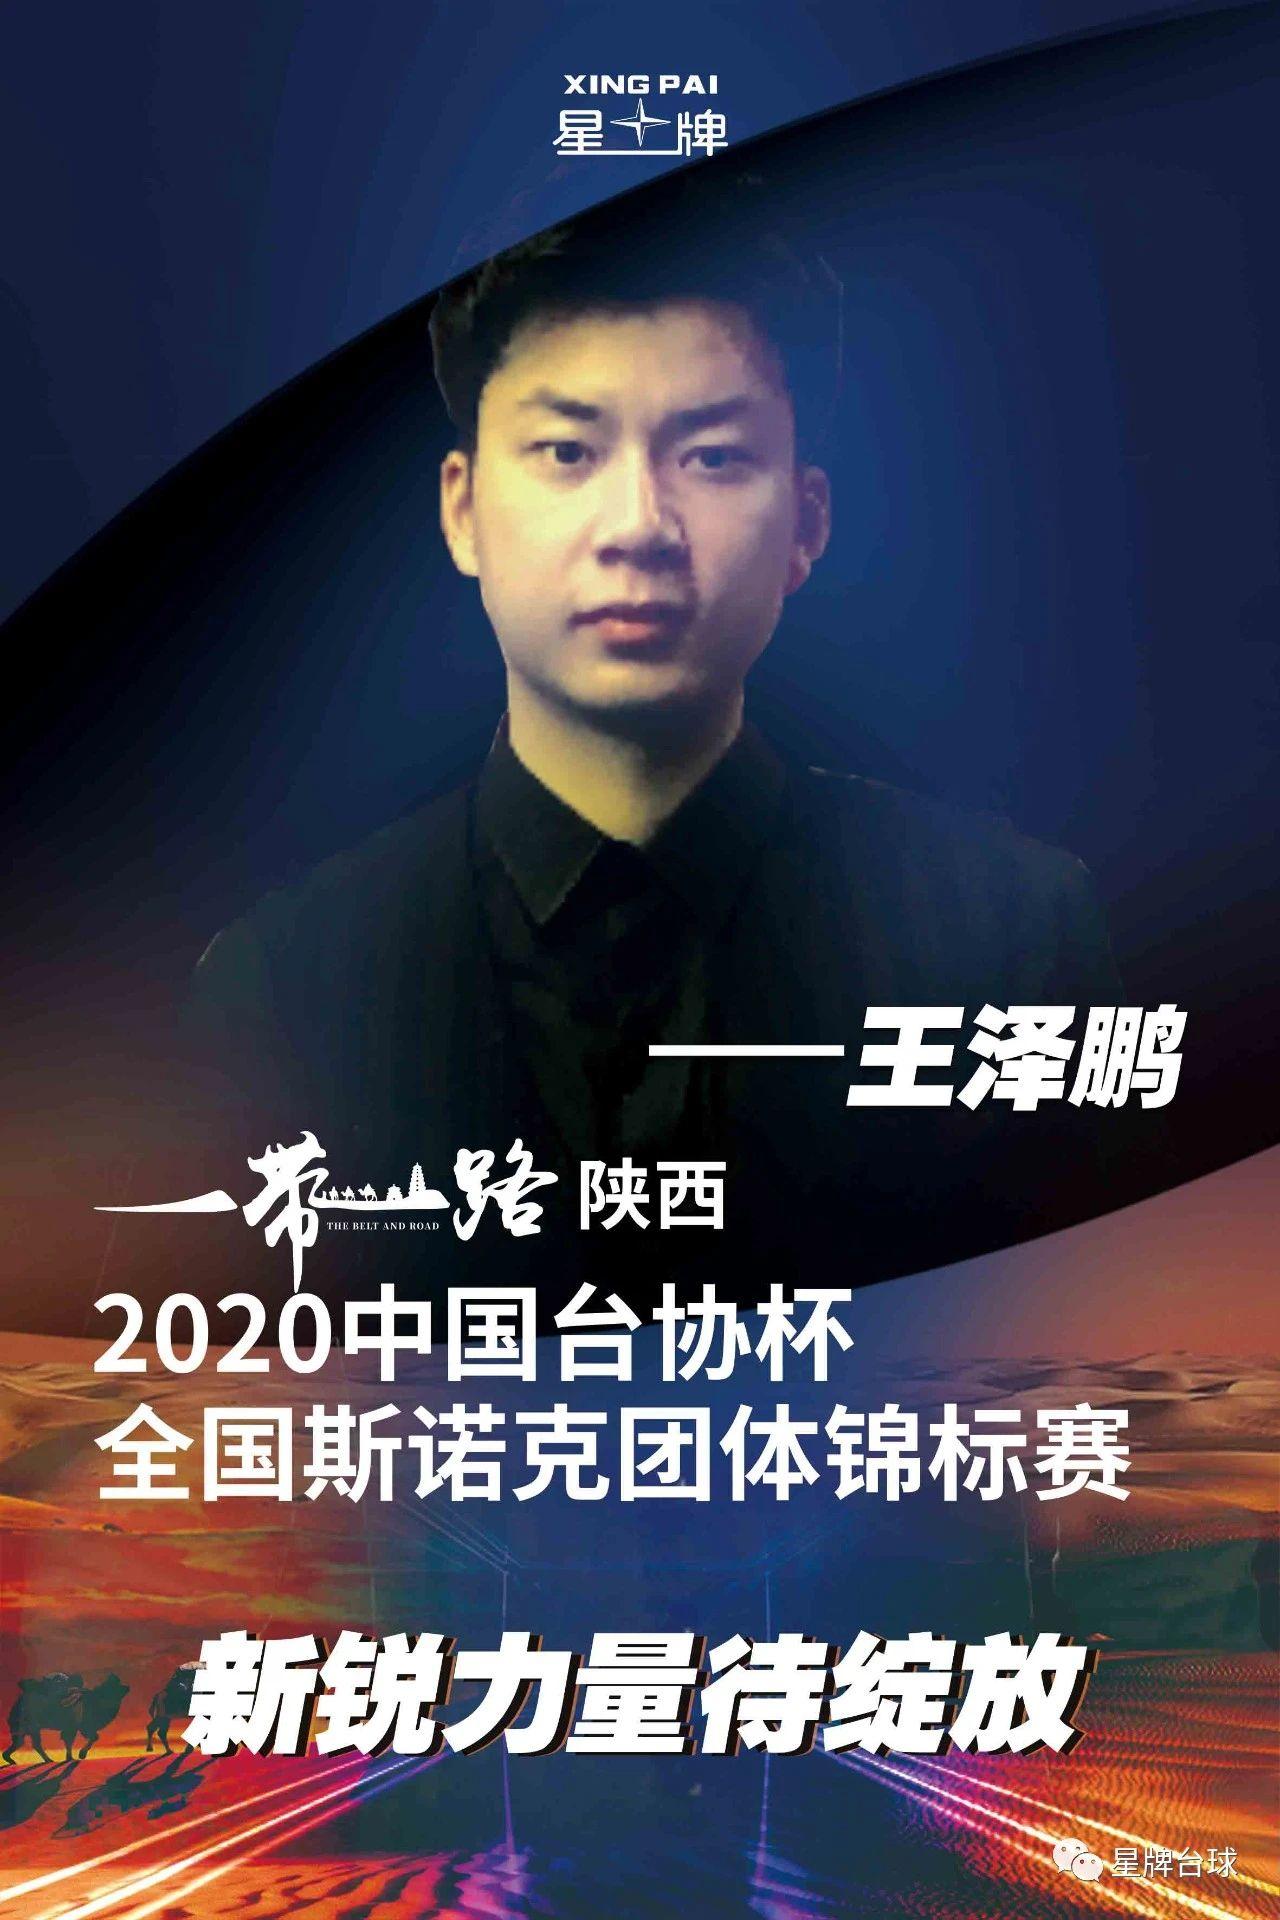 北京台协星牌队巡礼——王泽鹏